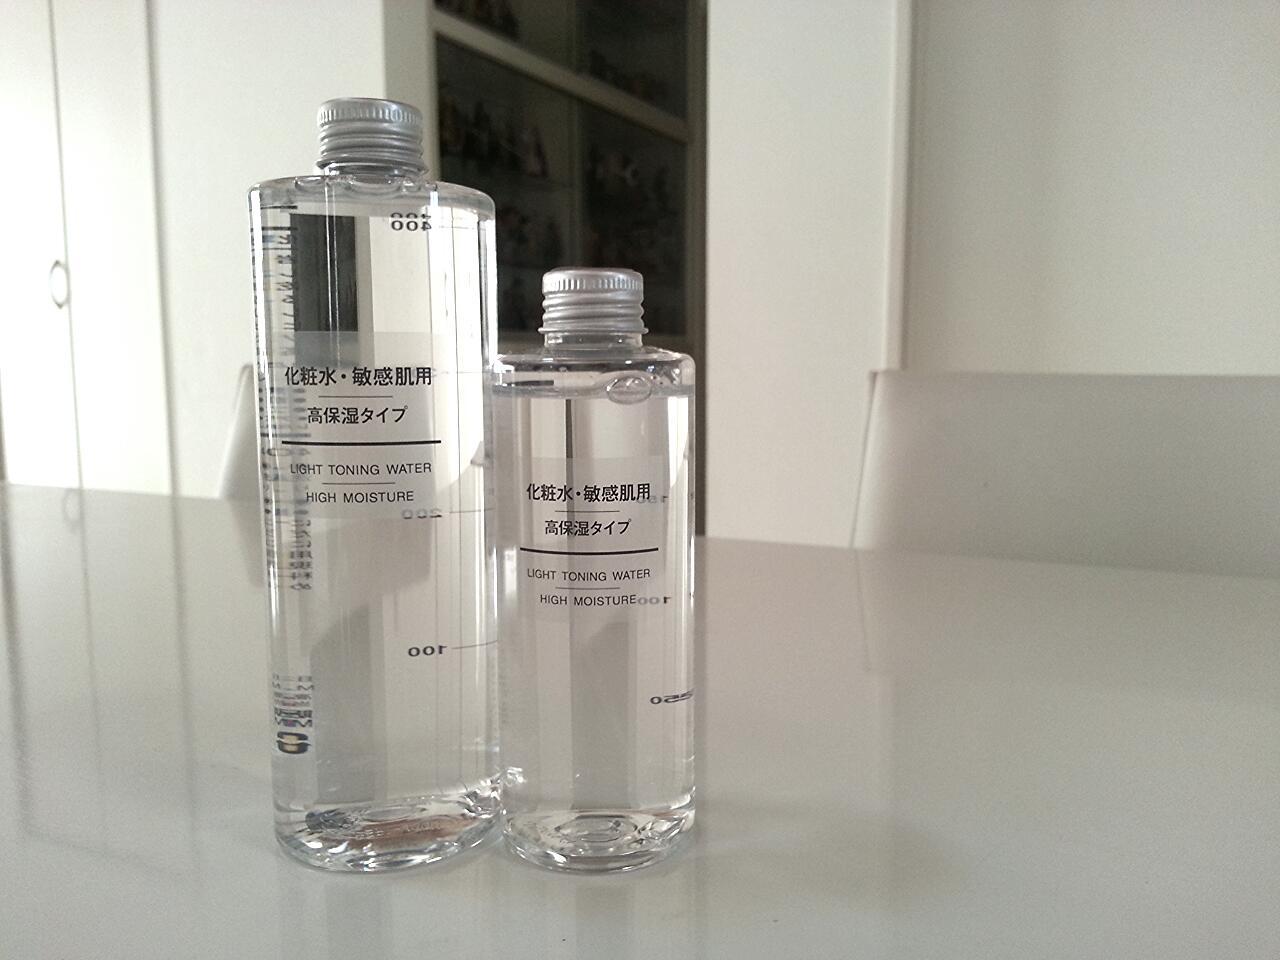 無印良品 化粧水